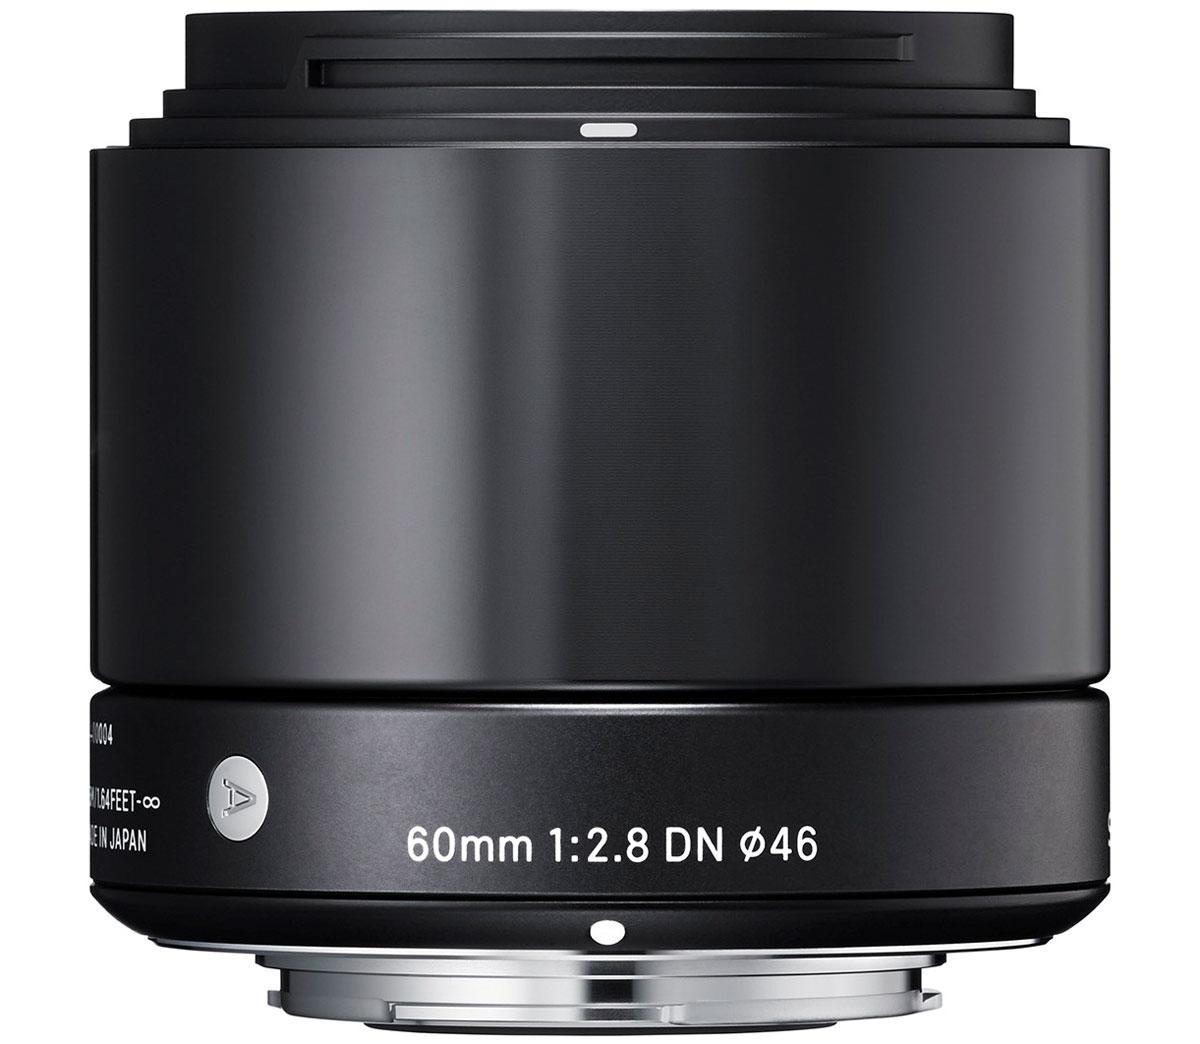 Sigma AF 60mm f/2.8 DN/A, Black объектив для Sony E (NEX)350965Объектив Sigma AF 60mm f/2.8 DN/A создан с применением передовых оптических технологий - легкий и компактный, с небольшой глубиной резкости - позволяет фотографу эффектно выделять отдельные части объекта съемки.Фокусное расстояние в эквиваленте равно 120 мм для Micro Four/Third и 90 мм для Sony E. Объектив создает изображения с натуральной перспективой и небольшой глубиной резкости, что вкупе с приятным боке делает снимки особо выразительными. Кроме этого, значительно улучшена функциональность. Простая форма кольца фокусировки, различие текстур каждой части, использование металла как основного материала и цельный корпус - все это составляющие дизайна Sigma AF 60mm f/2.8 DN/A.В конструкции объектива применяется самое современное сверхнизнодисперсное оптическое стекло (SLD), а также литые асферические элементы, что гарантирует превосходное исправление искажений и других видов аберрации. Закругленная 7-лепестковая диафрагма создает привлекательное размытие изображения, находящегося не в фокусе. Современная телецентрическая оптическая схема объектива обеспечивает отличное качество изображения по всему полю кадра. Объектив имеет линейный двигатель AF, который перемещает линзу без необходимости использования дополнительных механических частей. Эта система обеспечивает быструю и бесшумную автофокусировку, что позволяет использовать данную модель как для записи видео, так и для съемки фотографий.